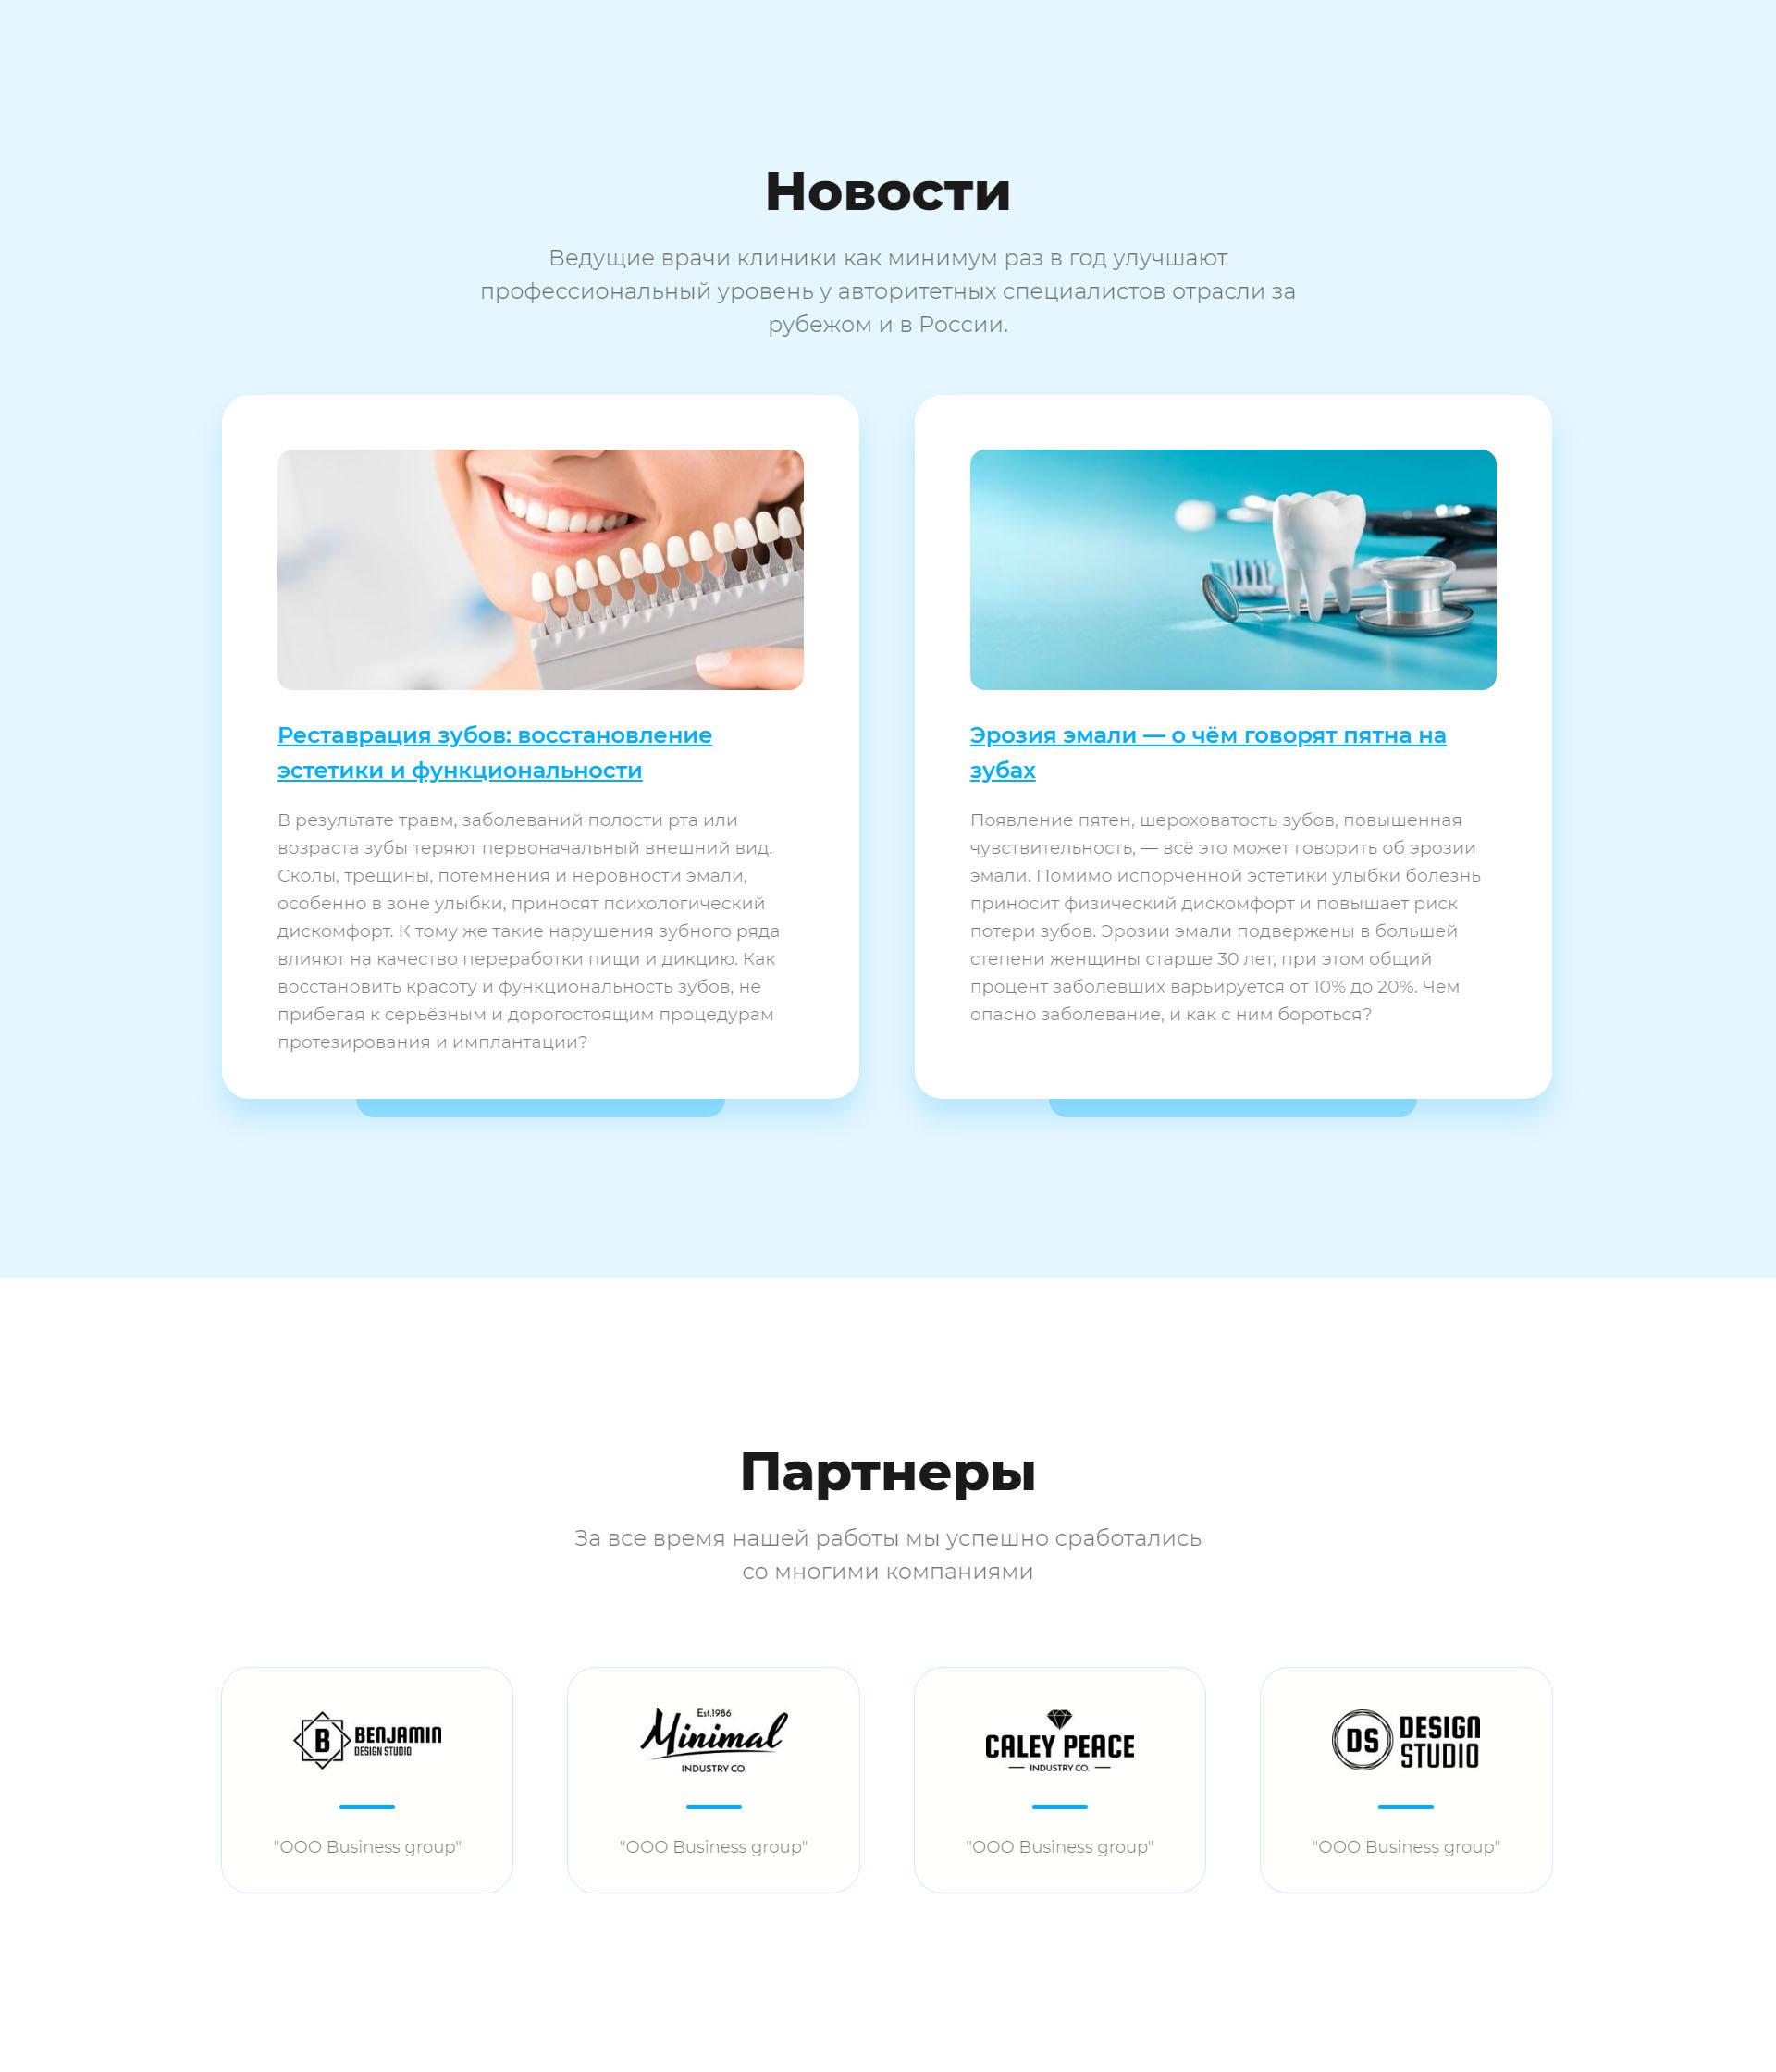 Готовый Сайт-Бизнес № 3192842 - Сайт стоматологии (Новости)